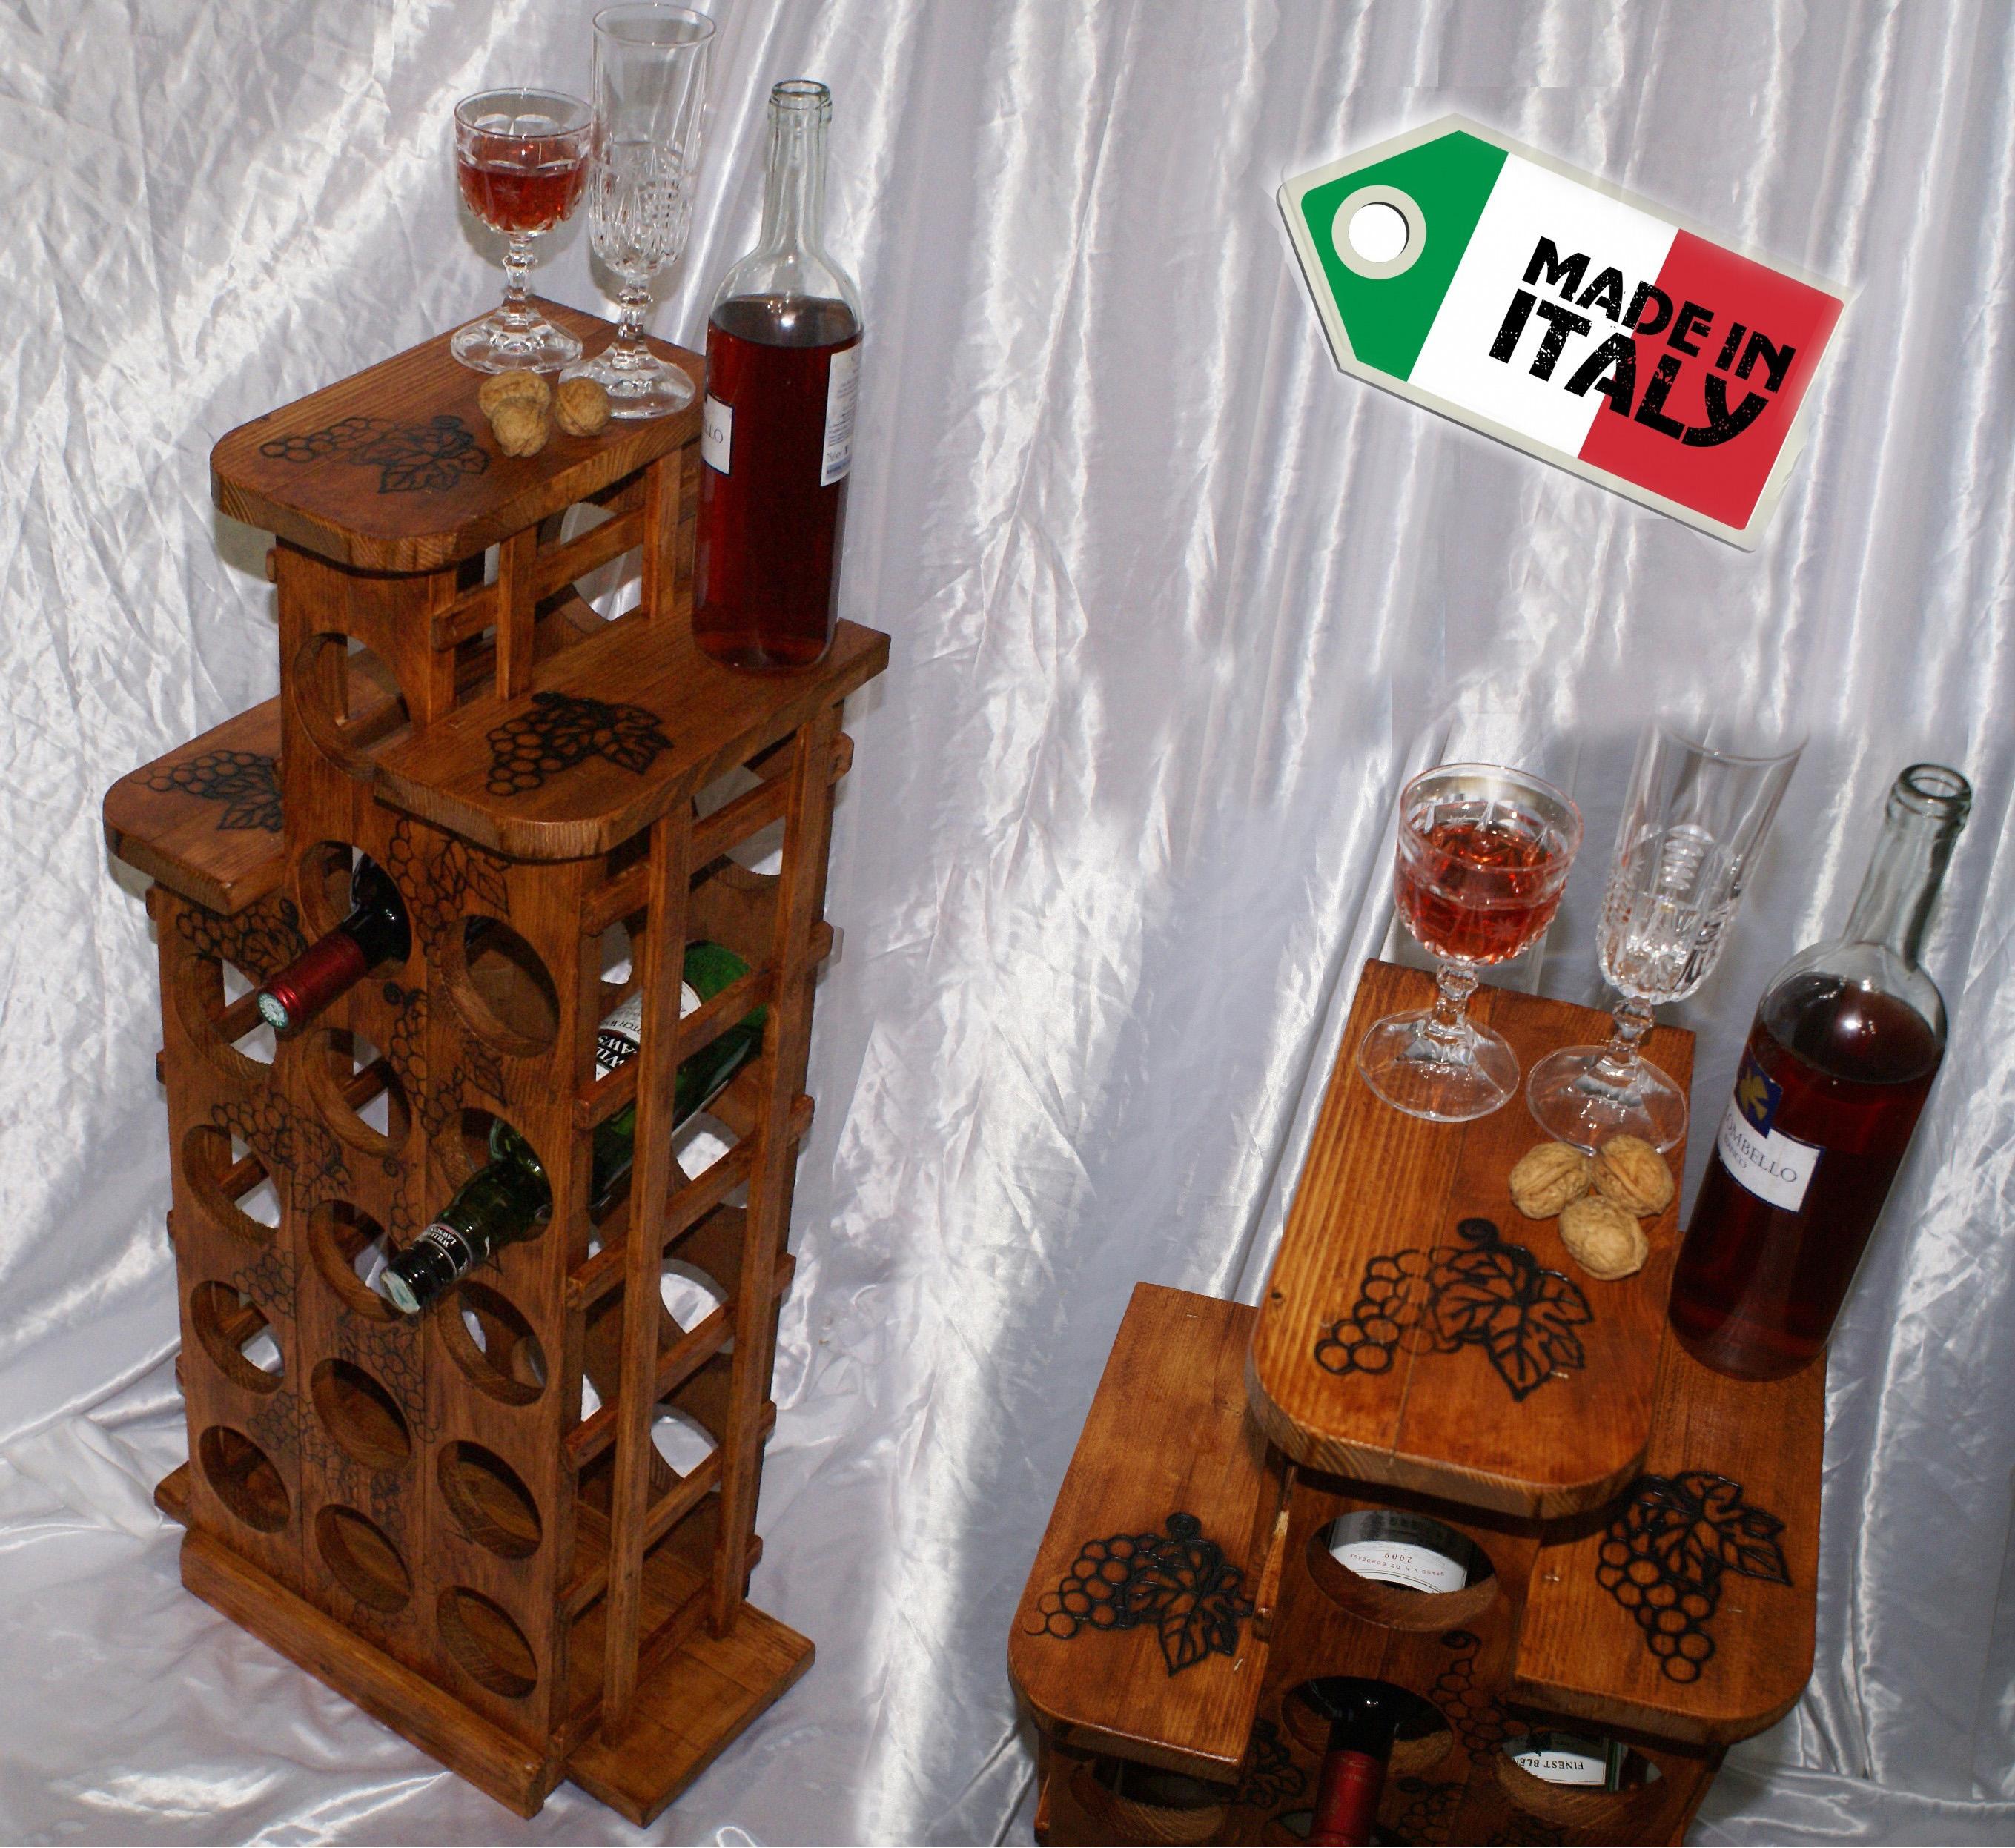 Cantinetta portabottiglie da vino cantina legno porta 15 bottiglie per scaffale ebay - Portabottiglie di vino in legno ...